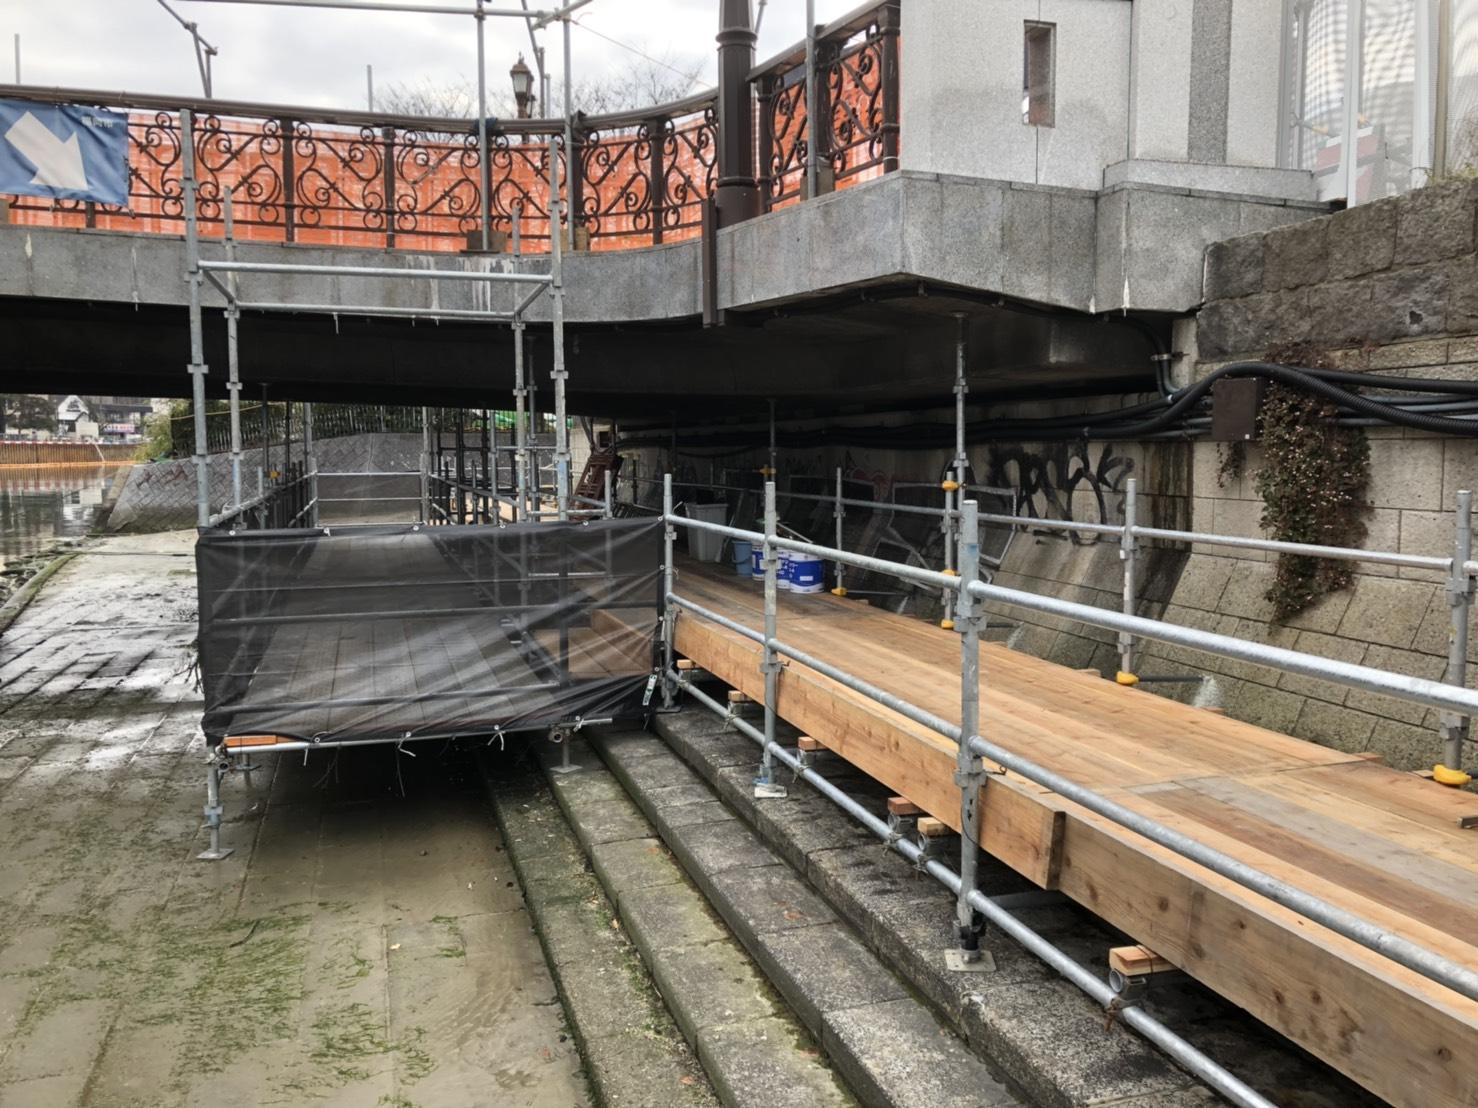 福岡県福岡市博多区中洲 出合い橋  仮囲い足場工事  本設通路足場工事⑷